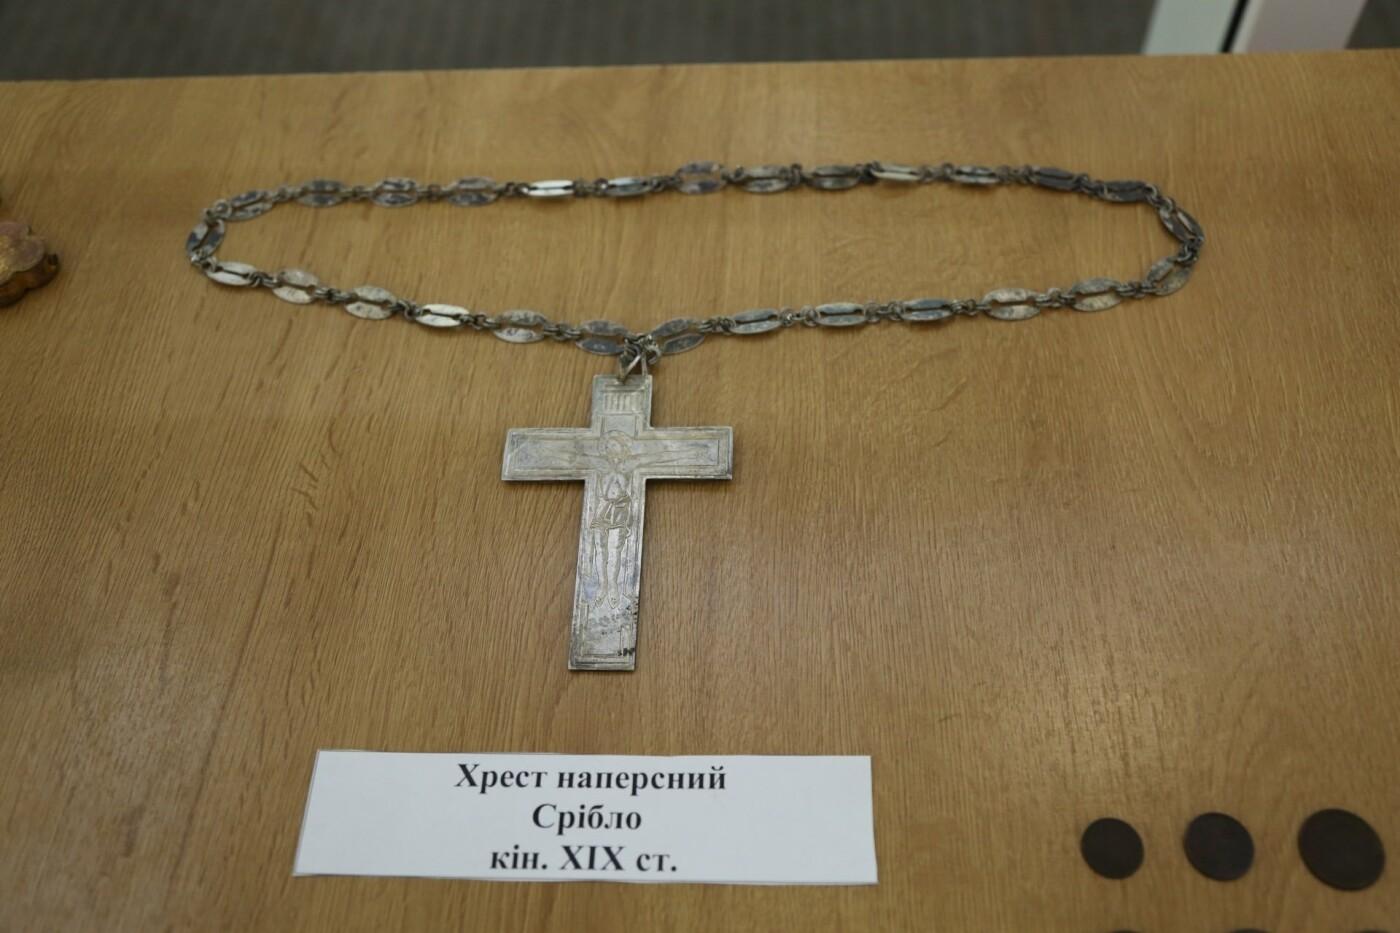 В Днепре продемонстрировали артефакты с раскопок церкви Лазаря, - ФОТО, фото-4